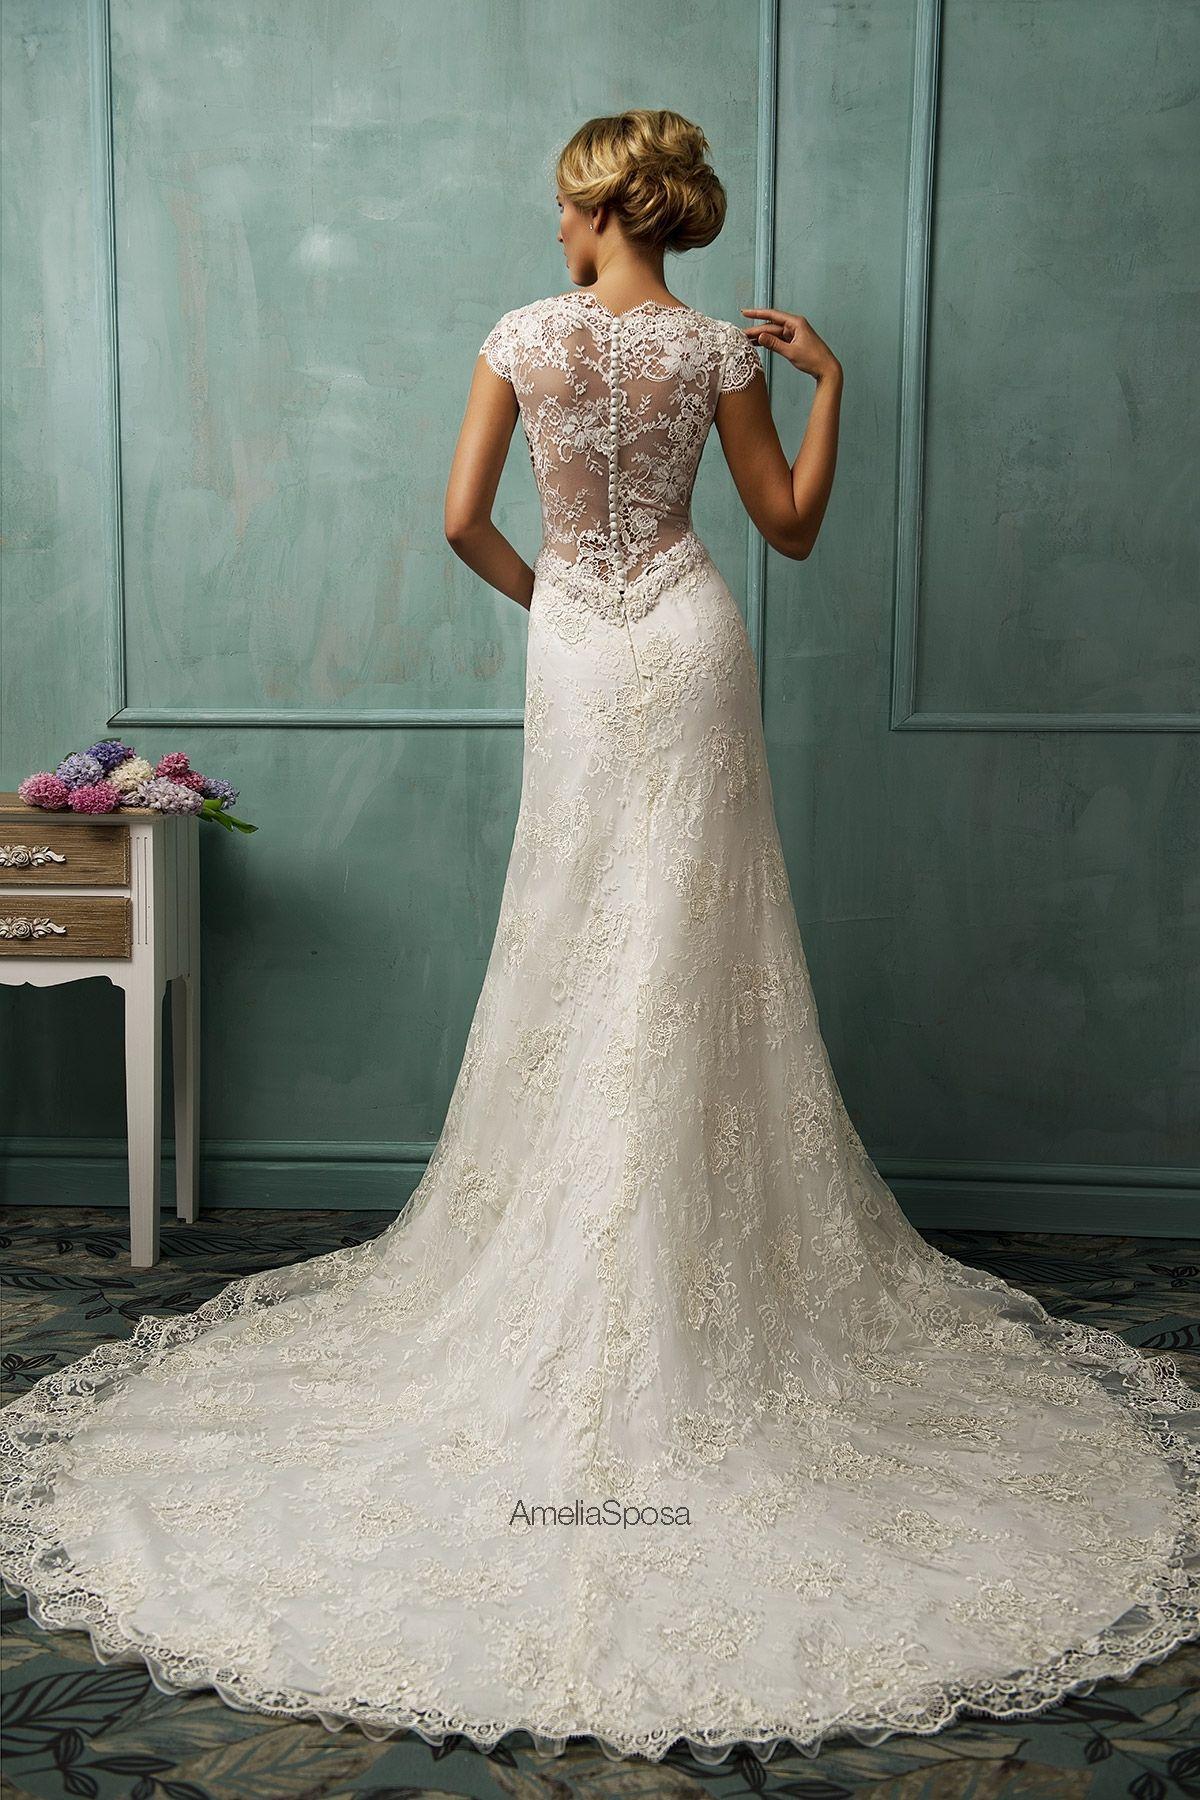 Donata | mein ziel | Pinterest | Hochzeitskleider, Brautkleid und ...